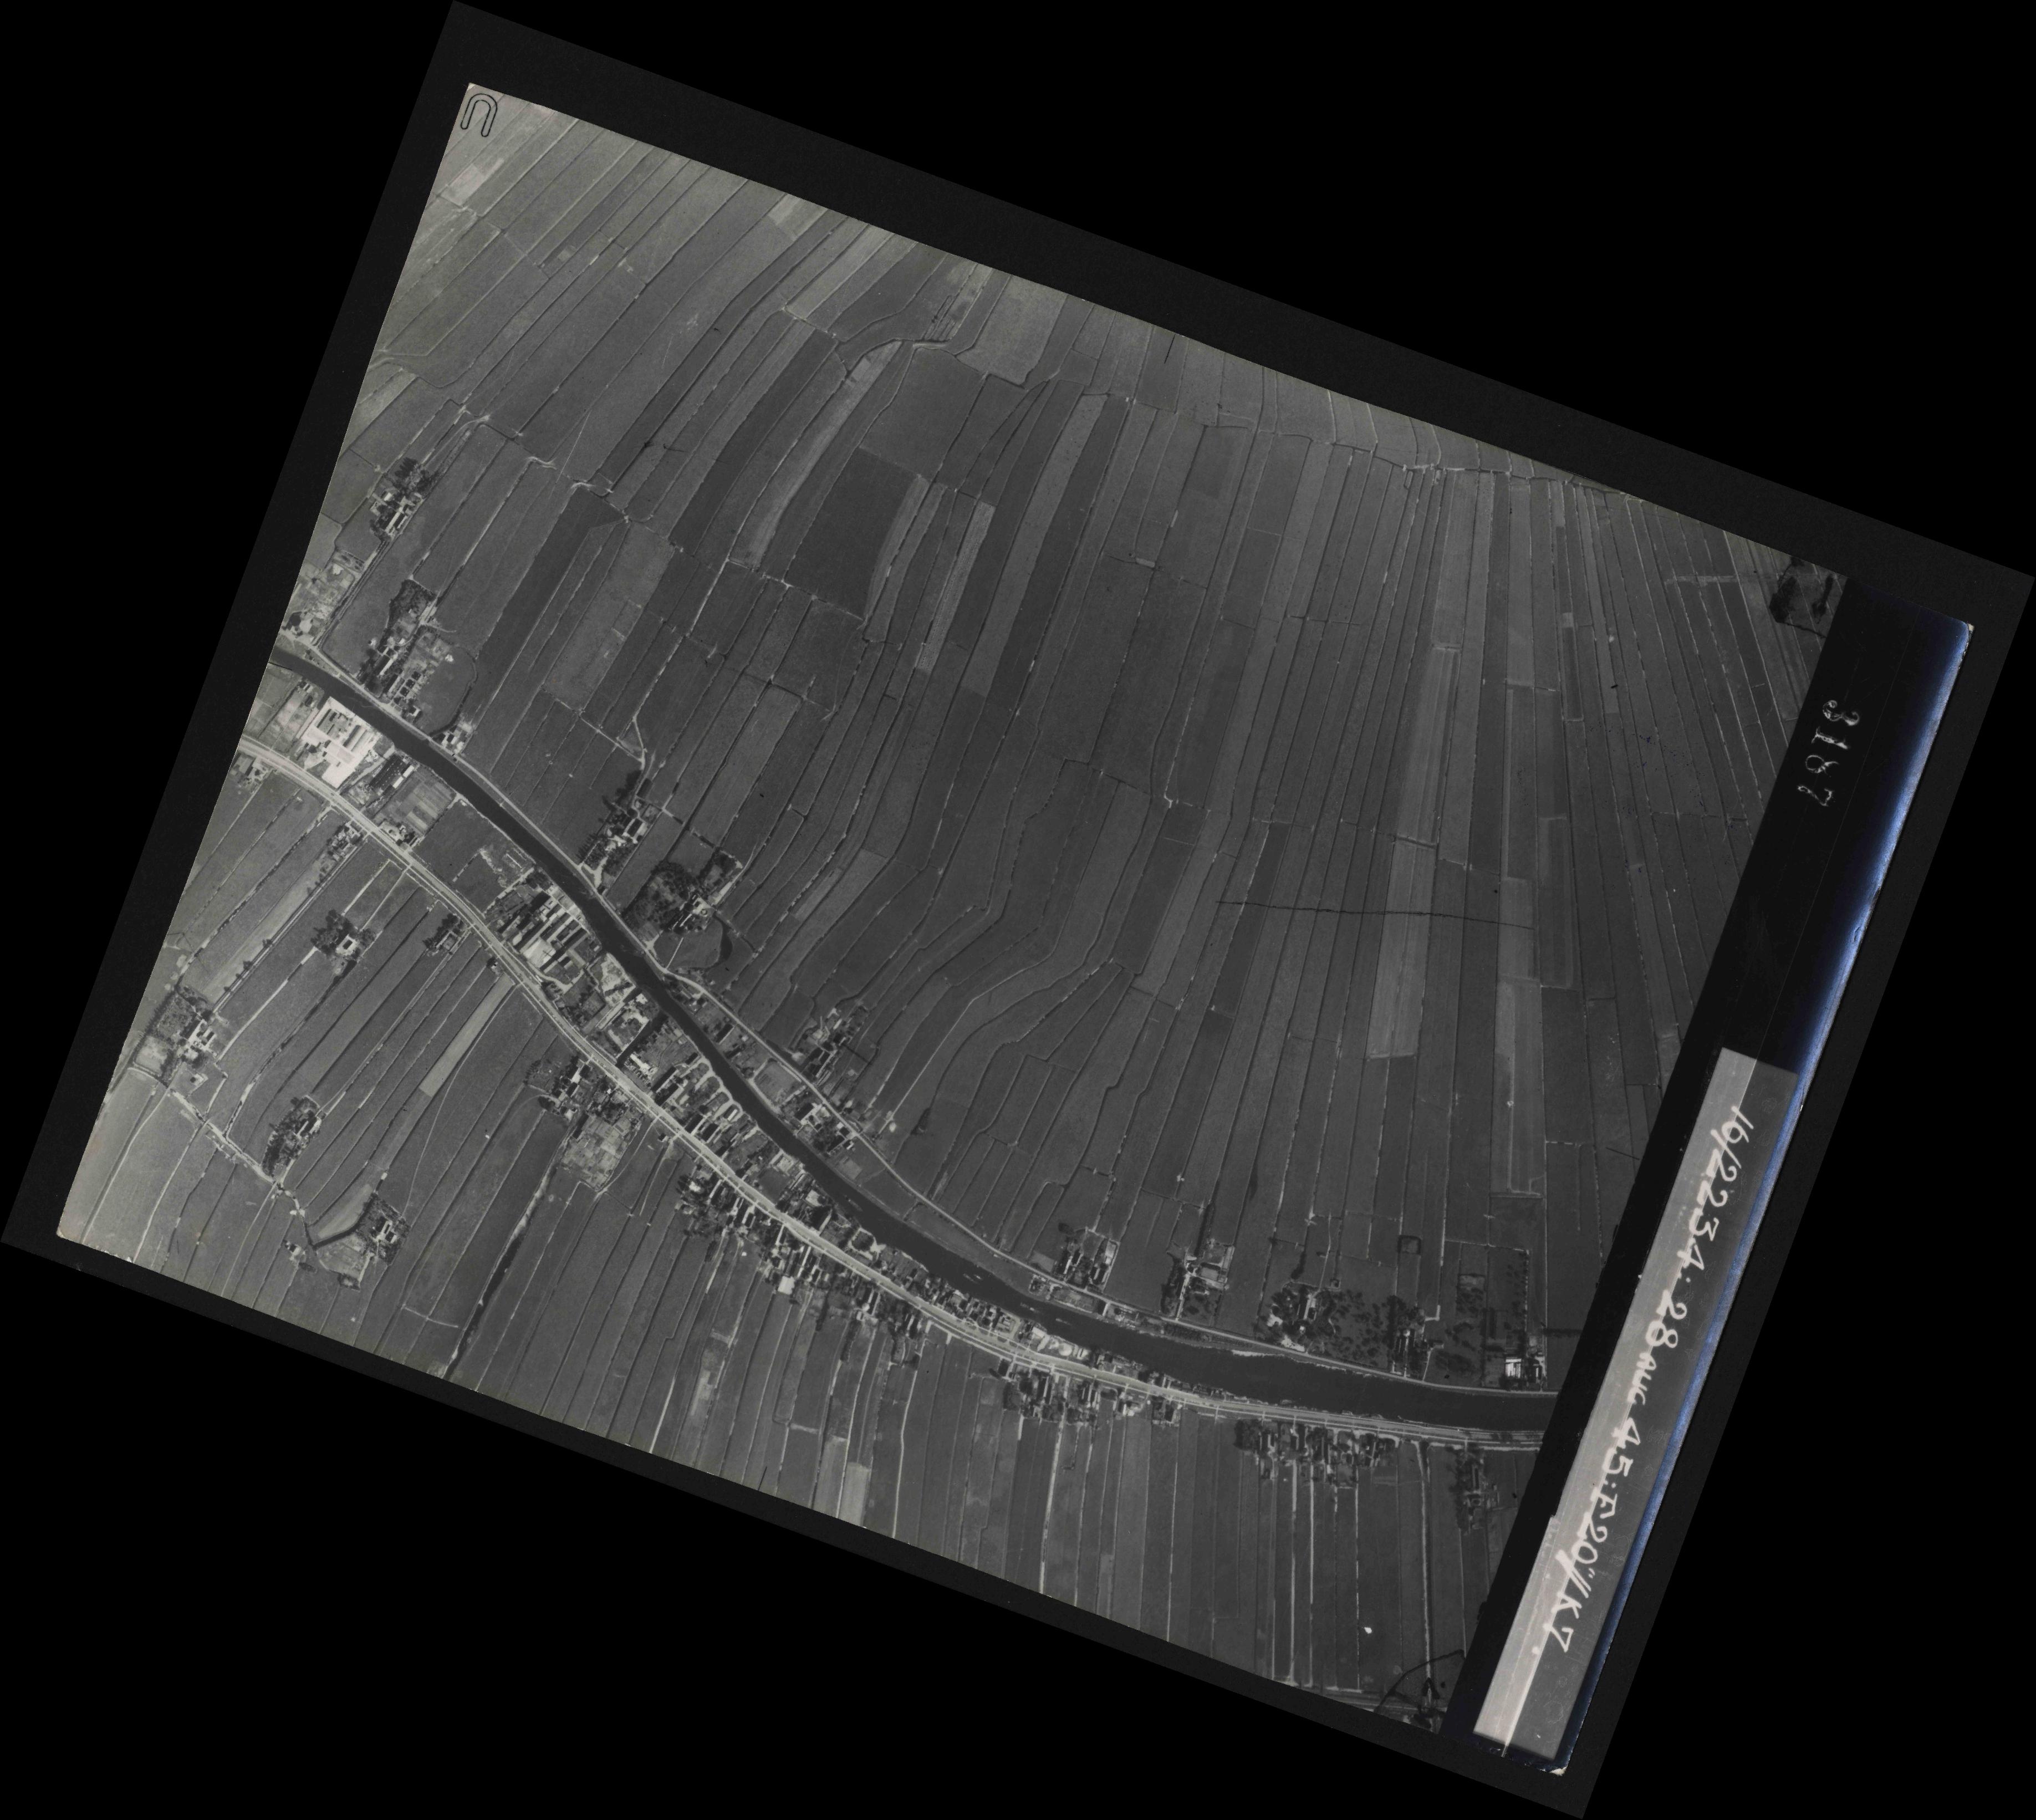 Collection RAF aerial photos 1940-1945 - flight 031, run 02, photo 3187